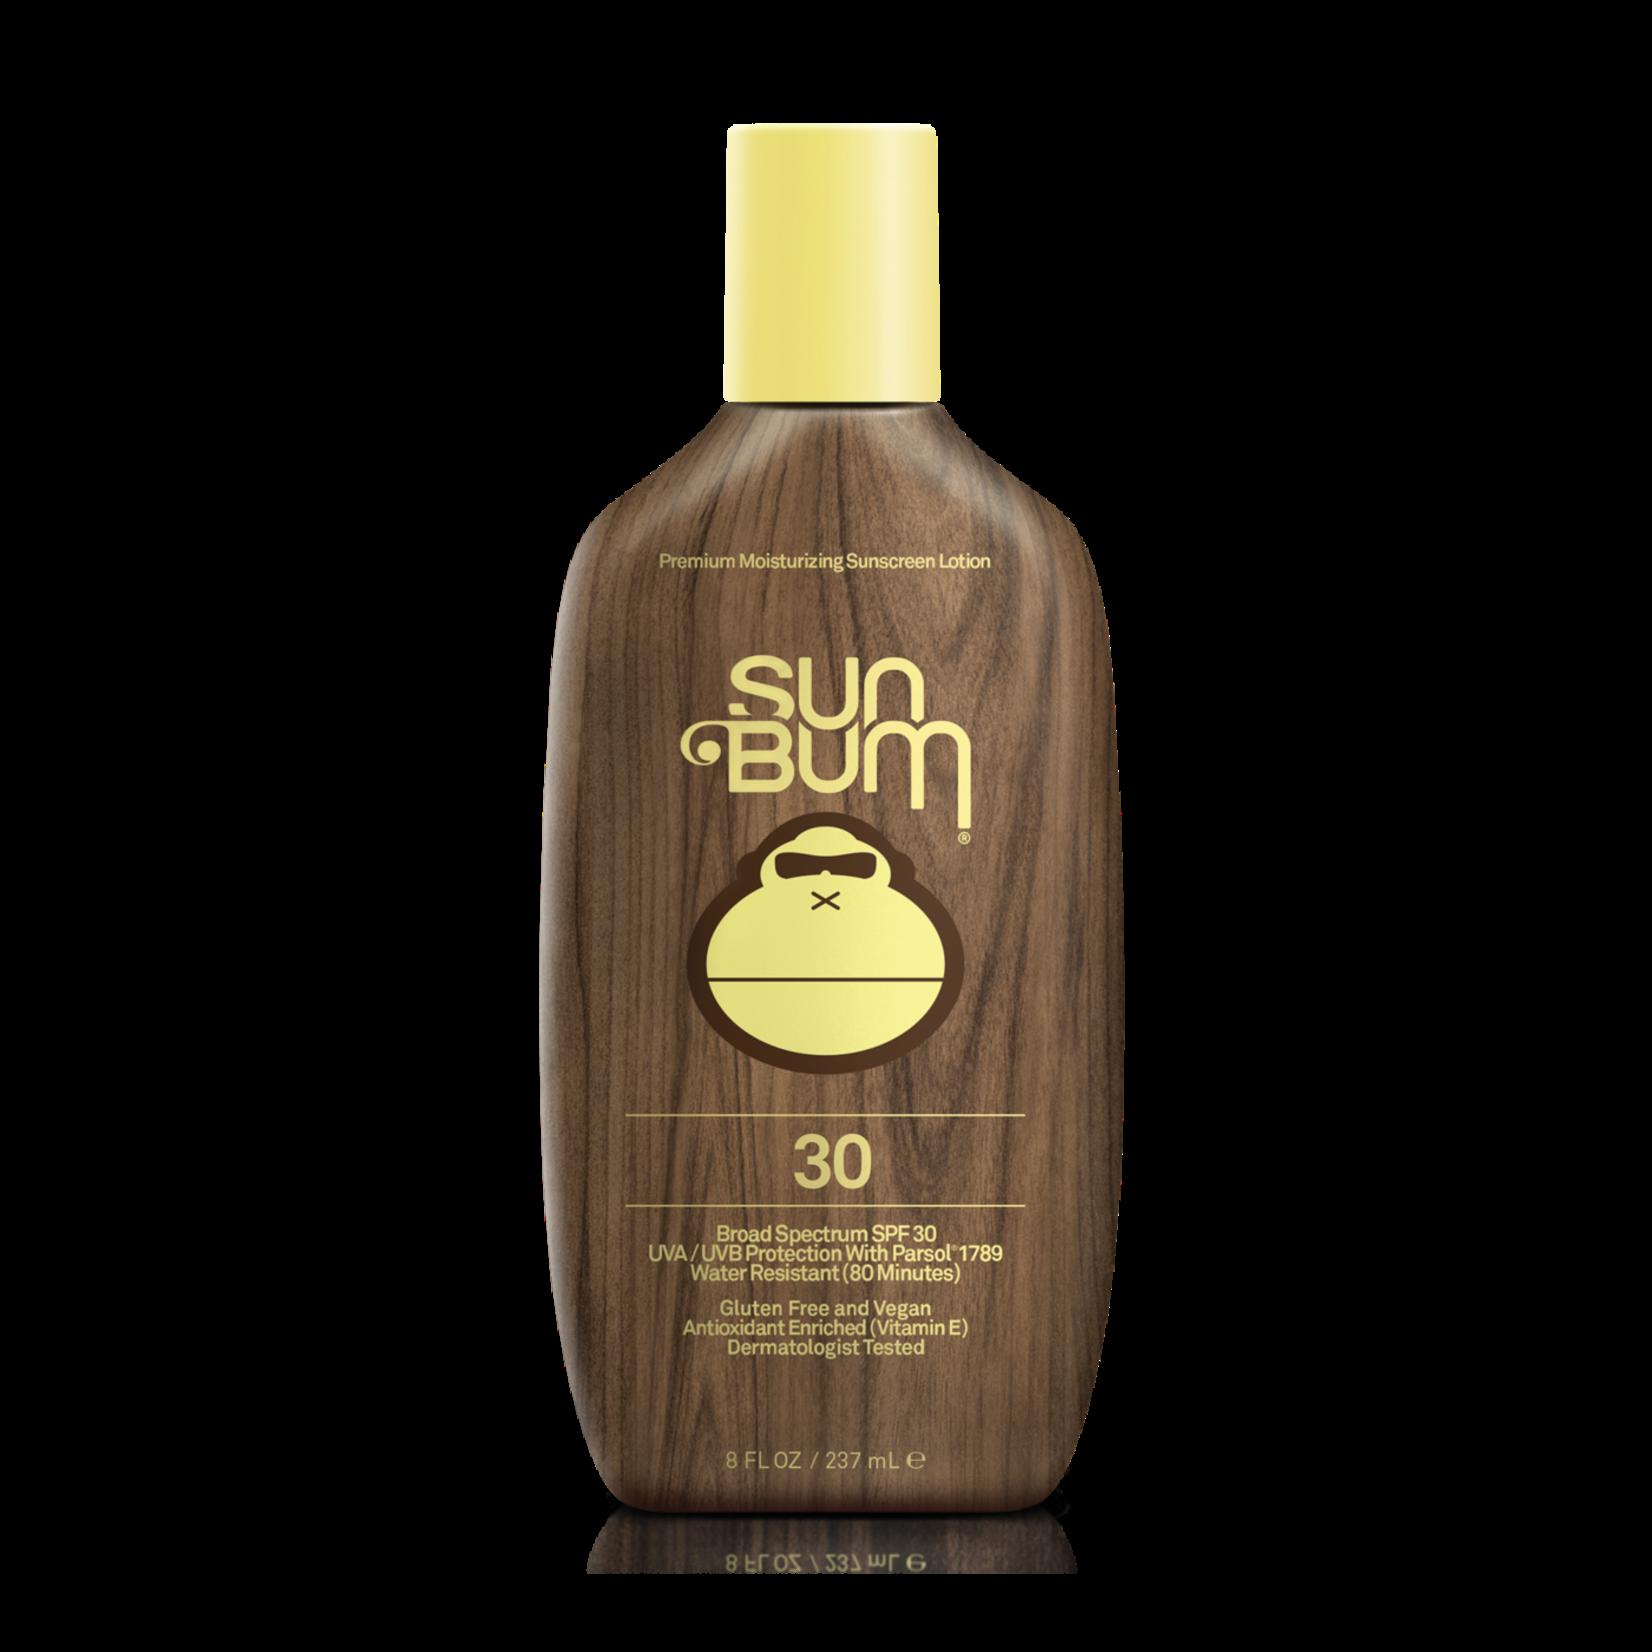 Sun Bum SUNSCREEN LOTION